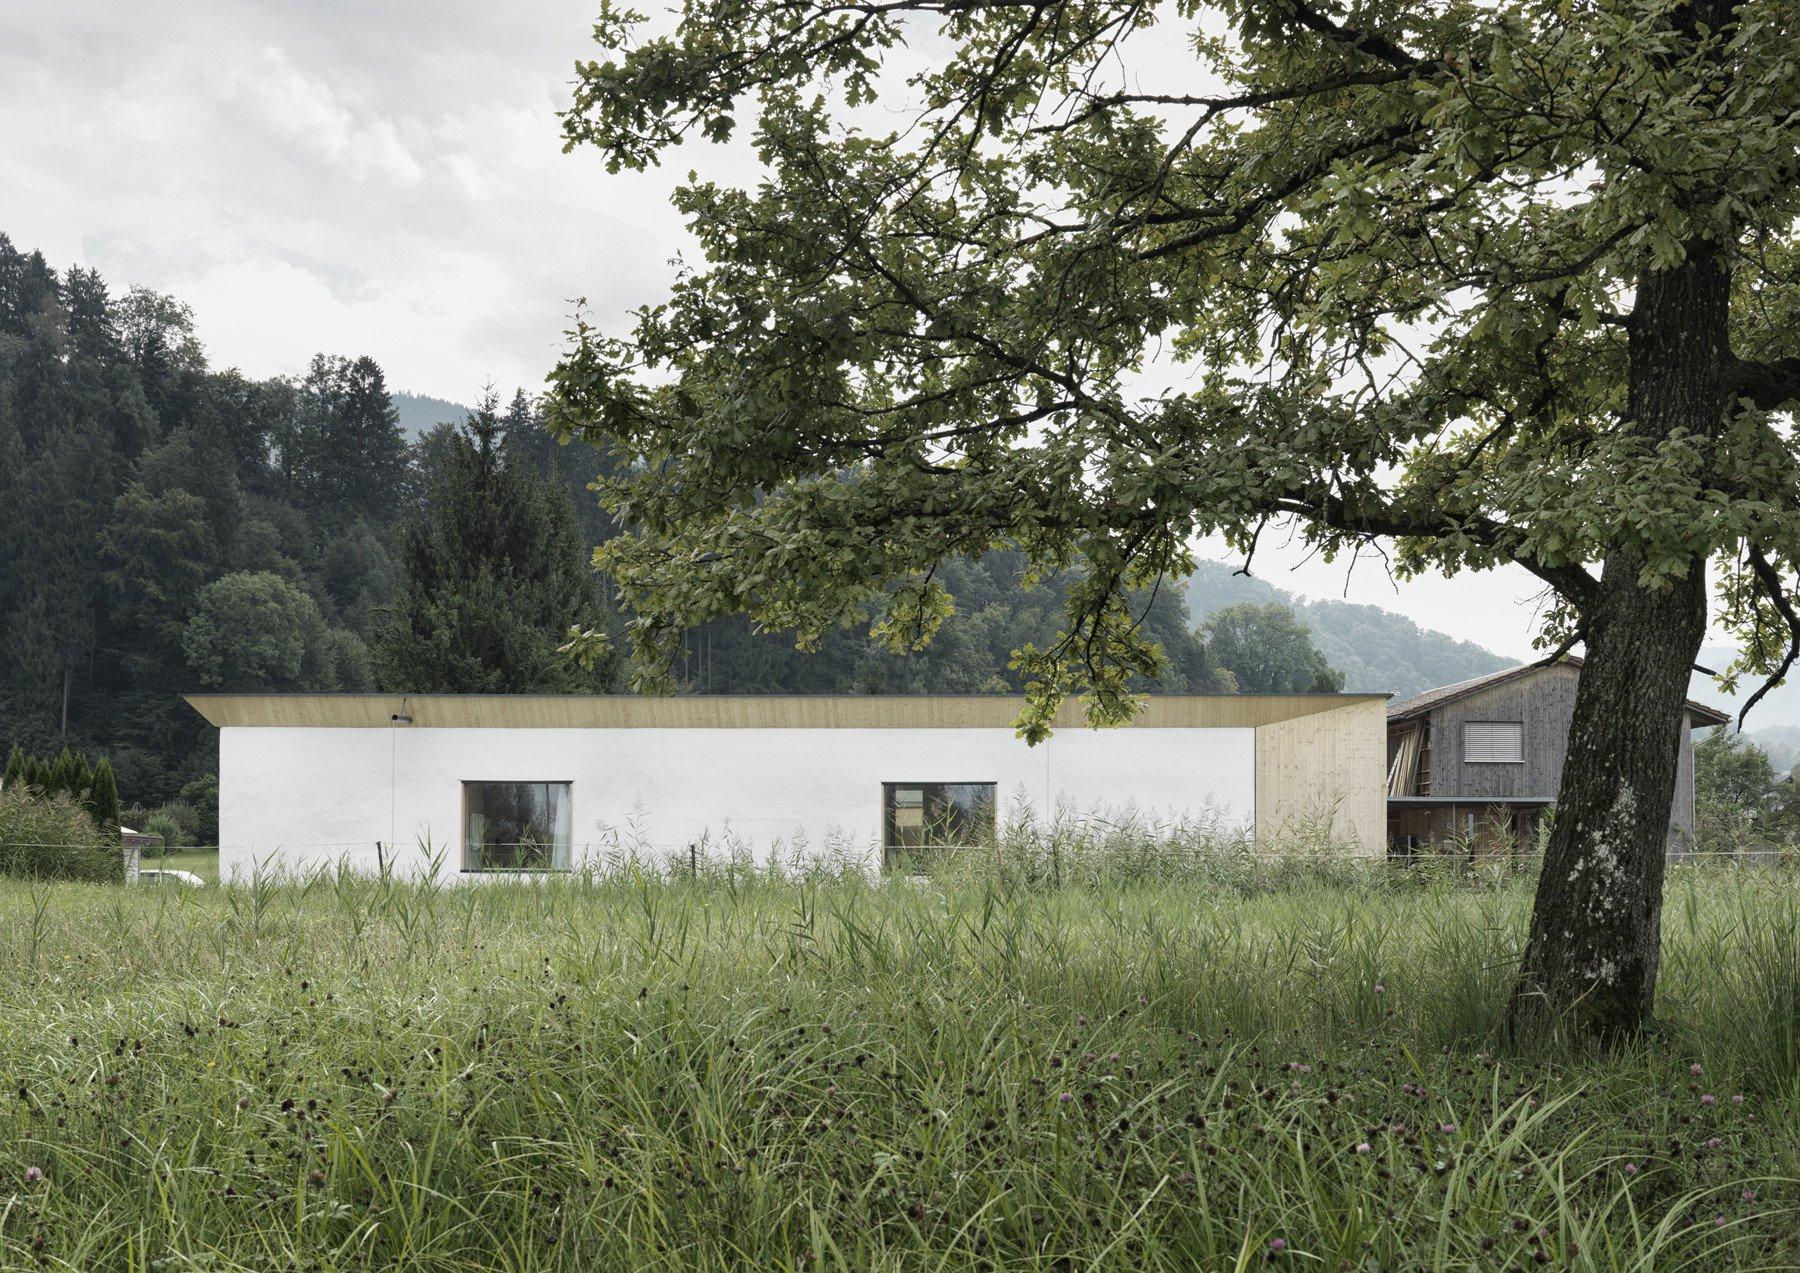 Im Nordwesten Grenzt Das Wohnhaus An Eine Weite Riedlandschaft